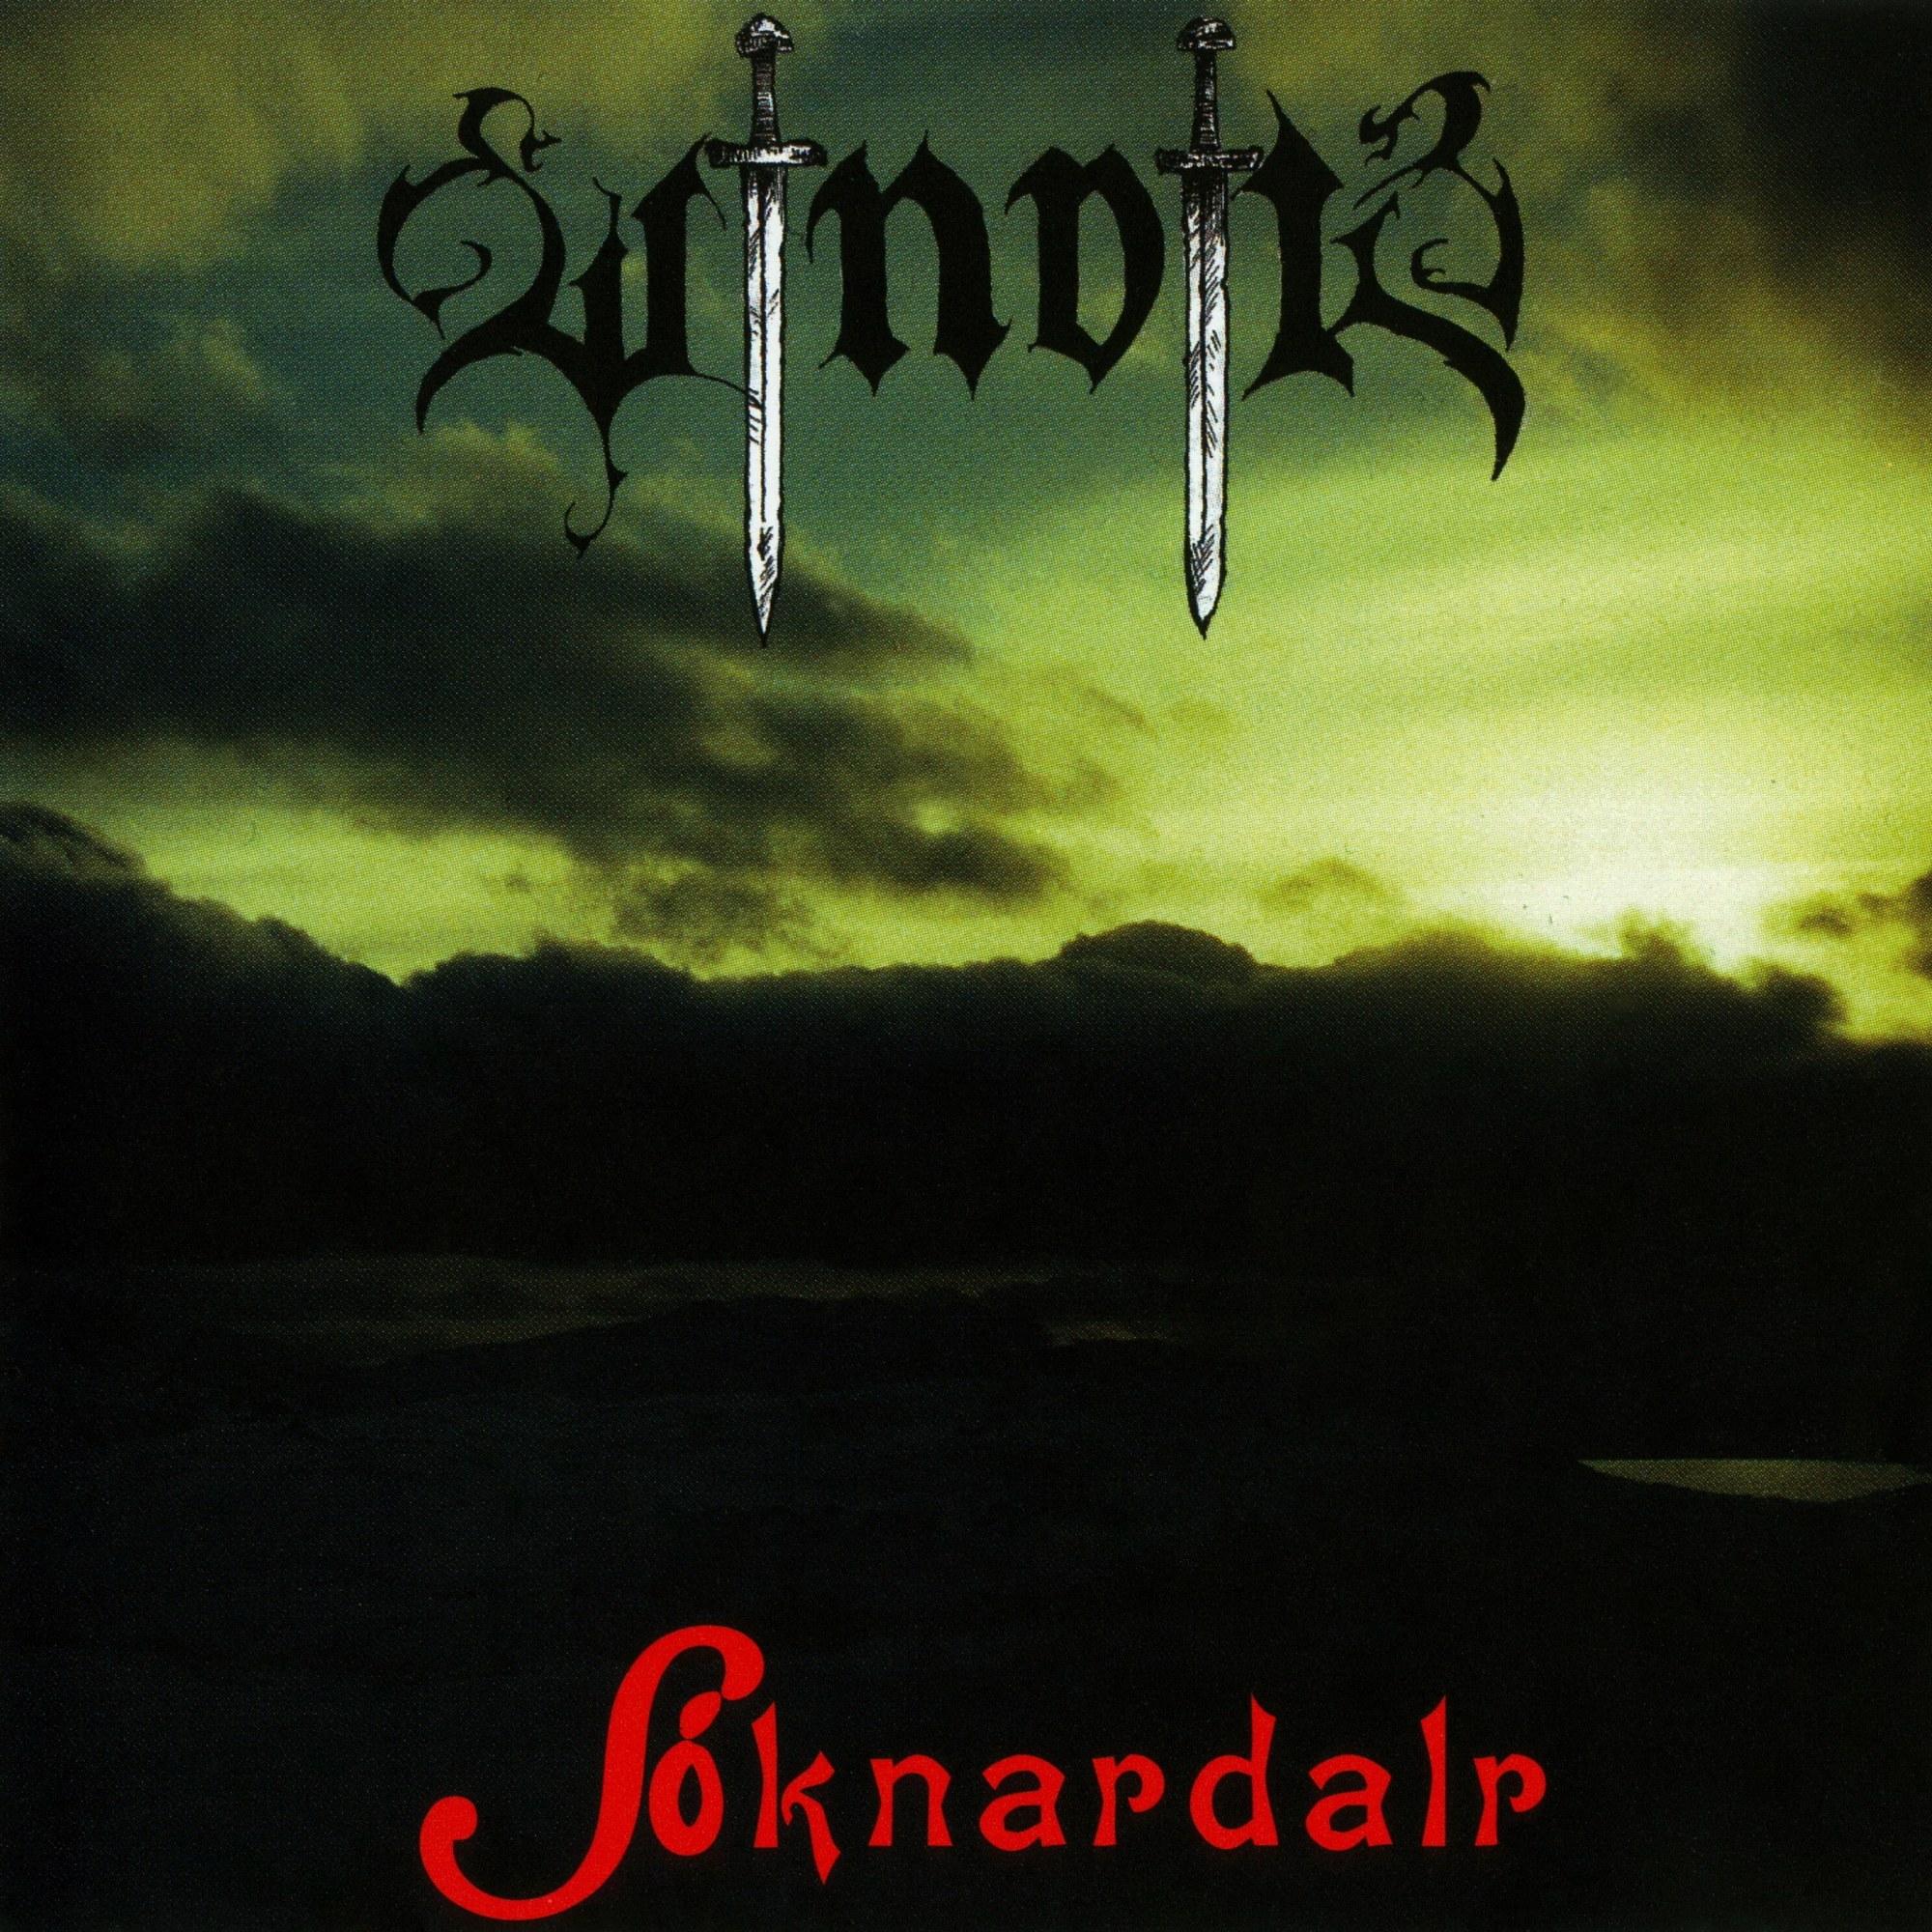 Windir - Sóknardalr